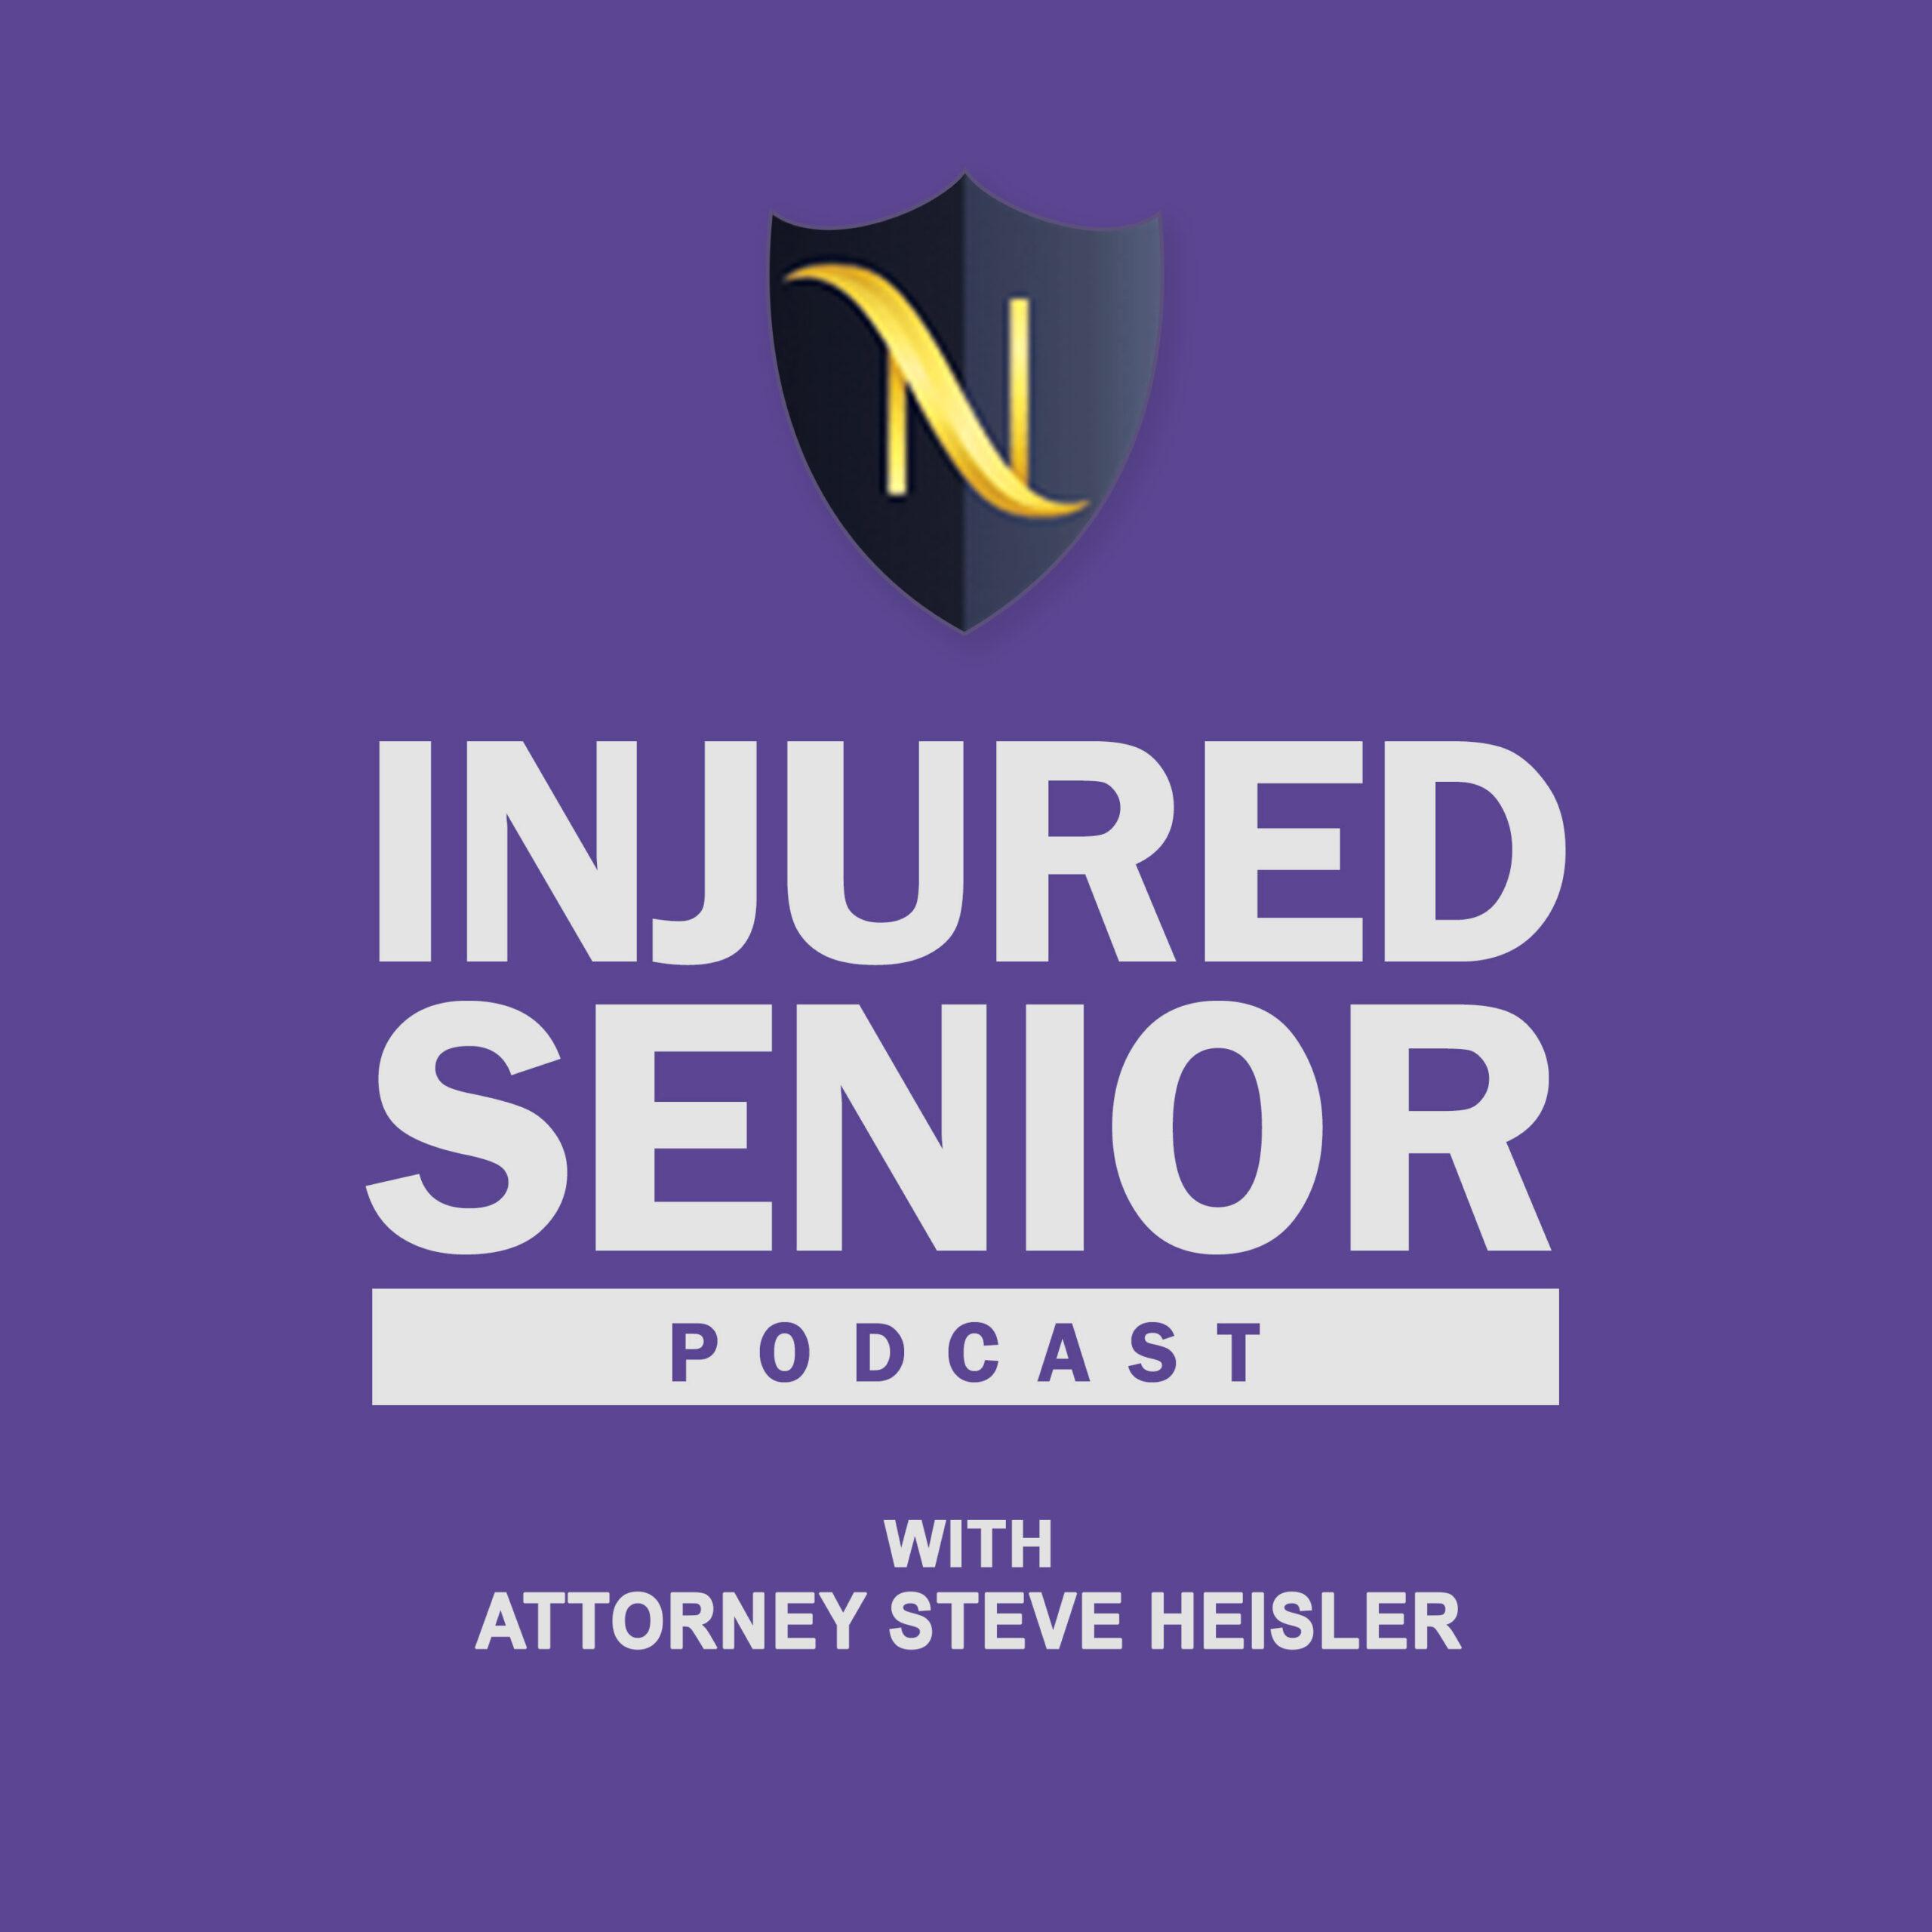 Injured Senior Podcast with Attorney Steve Heisler